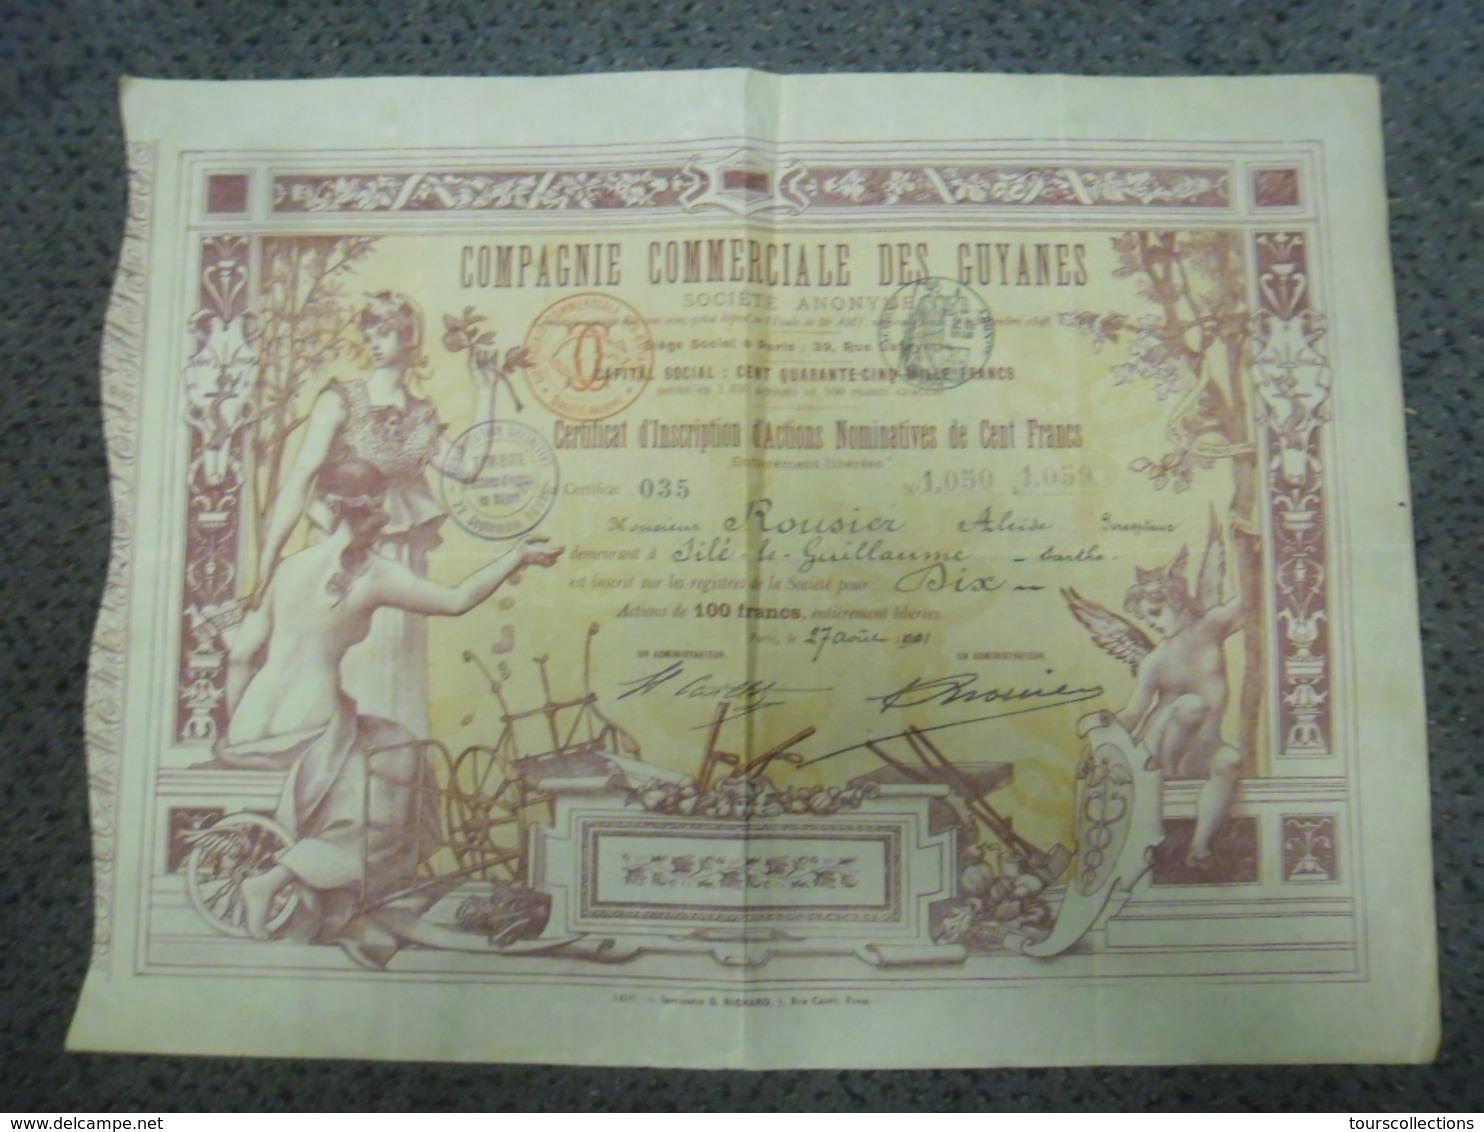 RARE ACTION COMPAGNIE COMMERCIALE DES GUYANES Art Nouveau 1898 Artiste Auguste Francois (Marie) Gorguet (1862-1927) - Actions & Titres